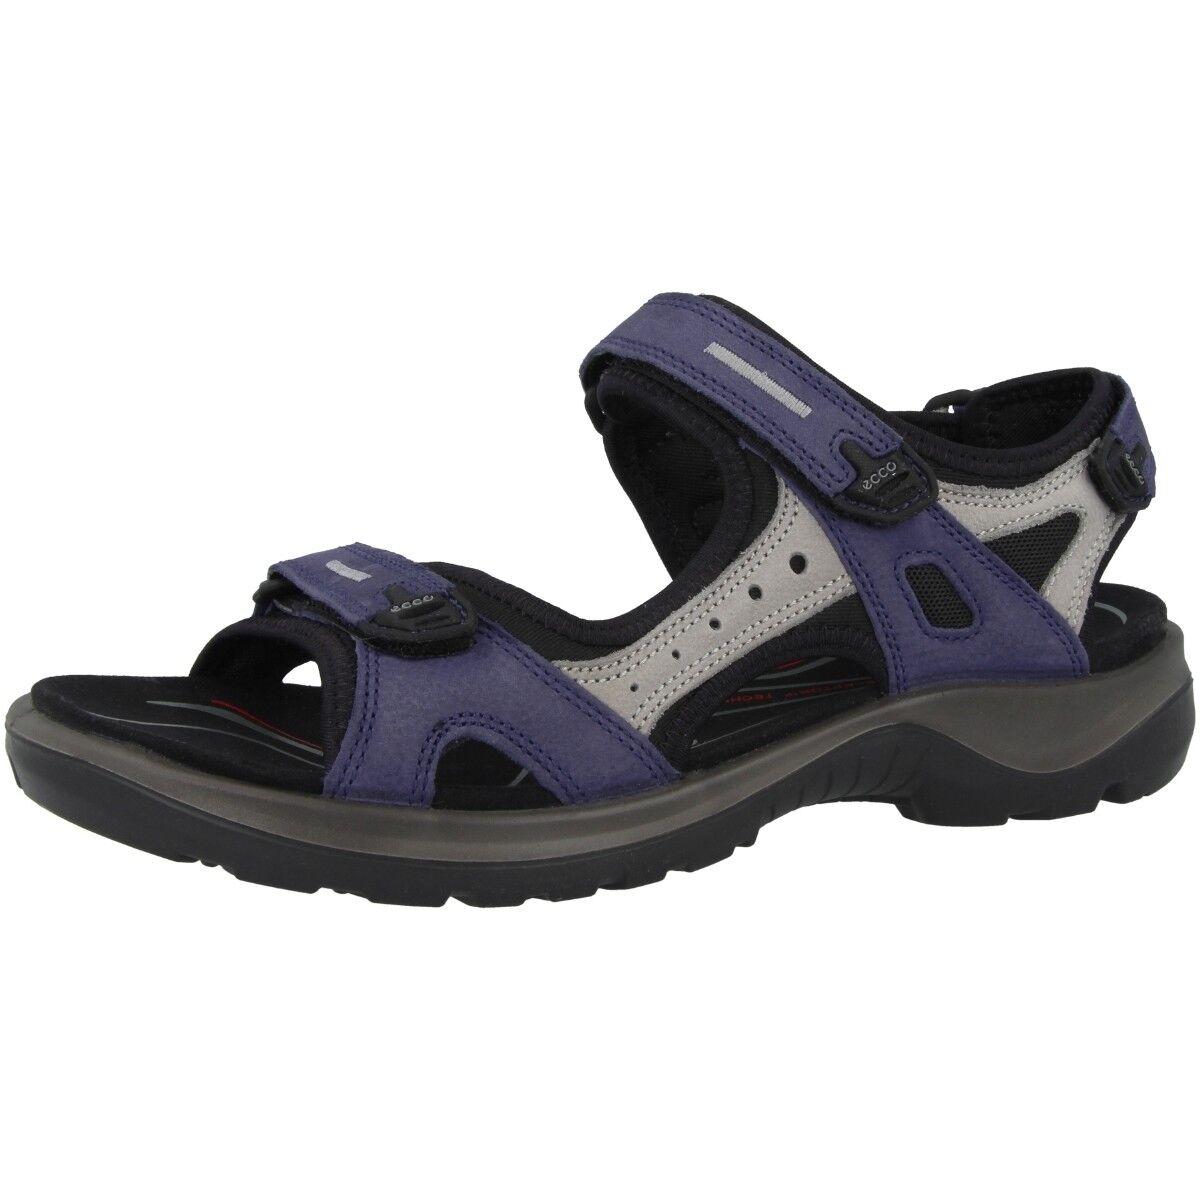 ECCO OFF ROAD Yucatan Mujeres Sandalias De Dama Zapatos Zapatos Zapatos Starbuck 069563-57807 0d5ca8